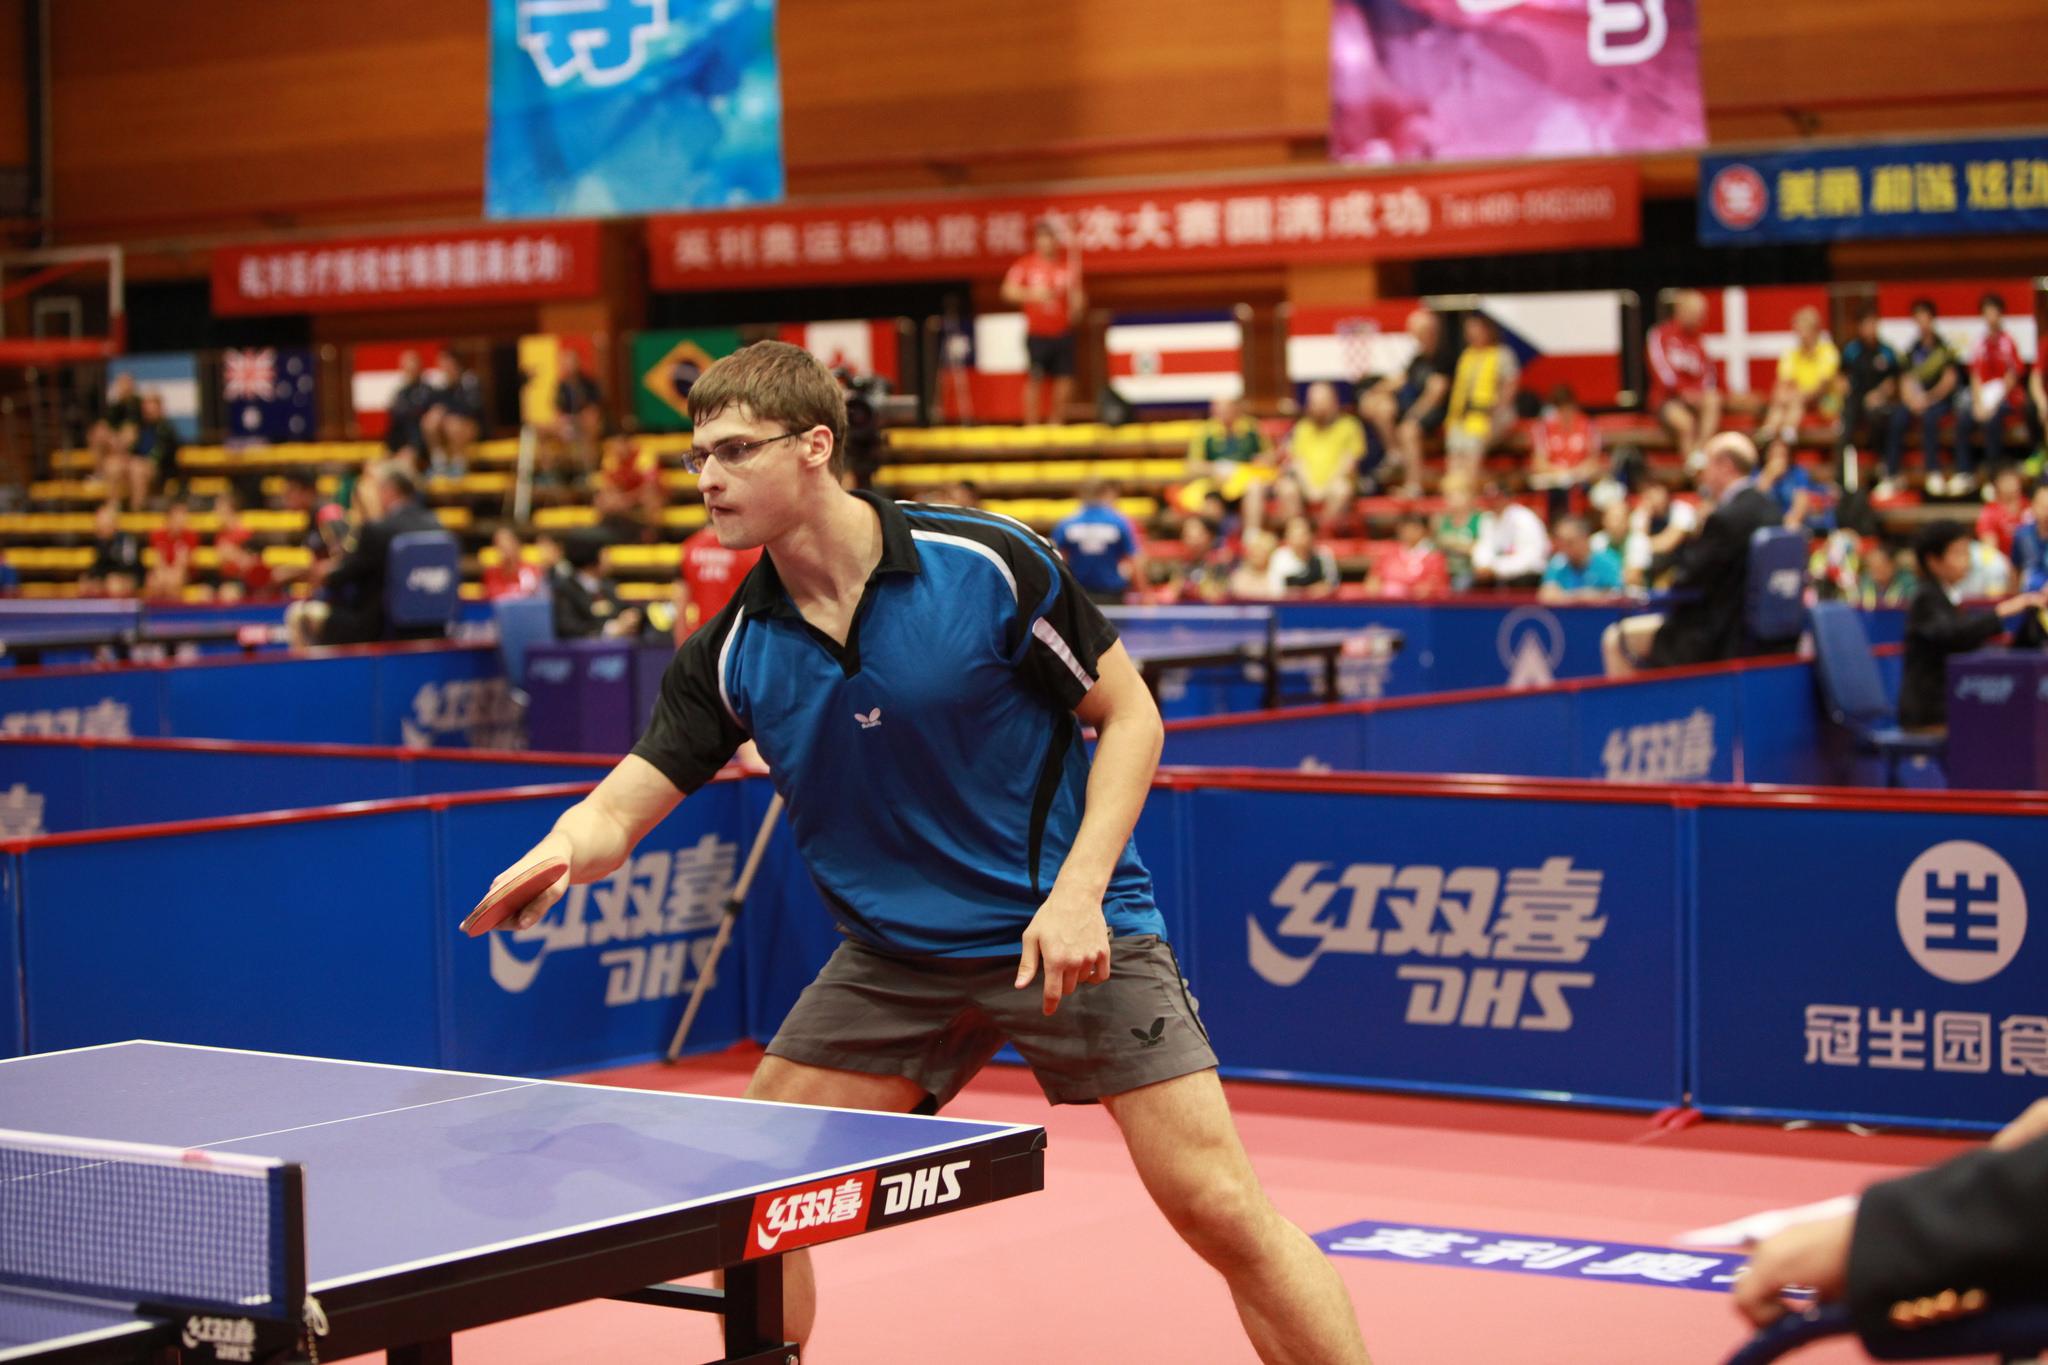 Российские спортсмены вышли в четвертьфинал чемпионата мира по настольному теннису спорта лиц с поражением опорно-двигательного аппарата и с интеллектуальными нарушениями в Китае